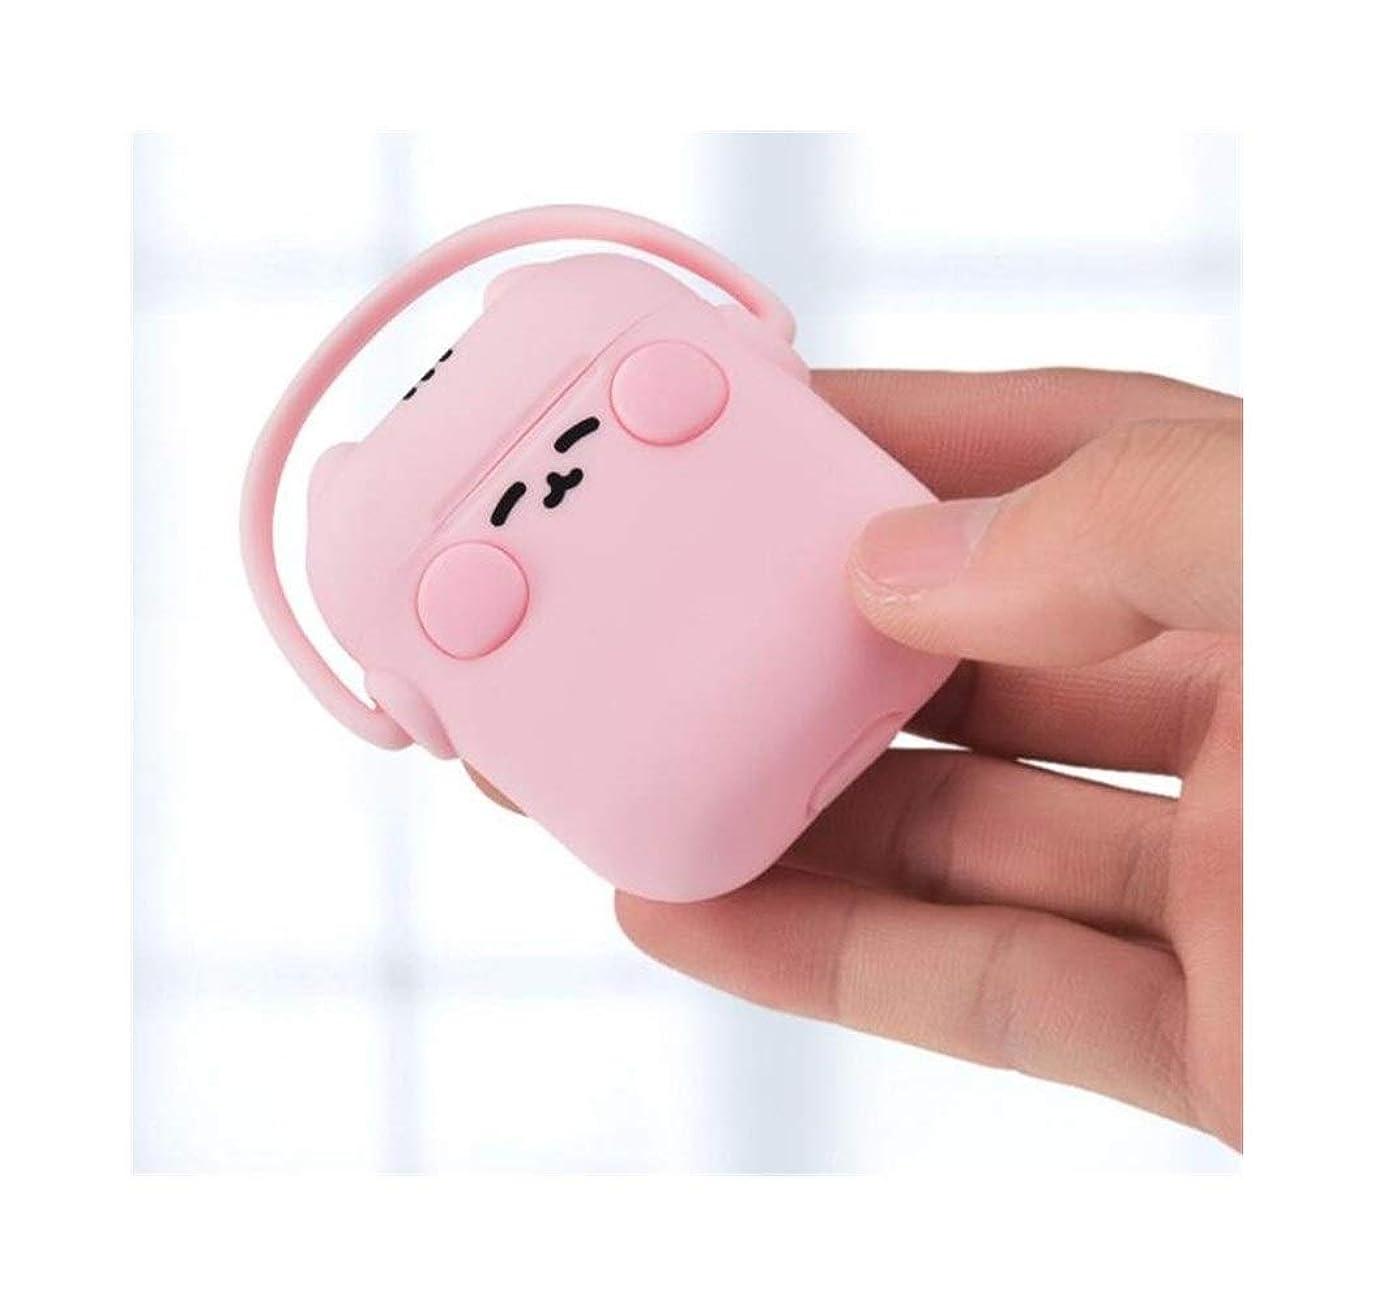 奪うアレンジすることになっているKaiyitong ヘッドフォンセット、Airpods保護カバーAirpods2ユニバーサル漫画女性液体シリコーンイヤホンカバー - 特別な赤 かっこいいかわいい (Color : Pink)